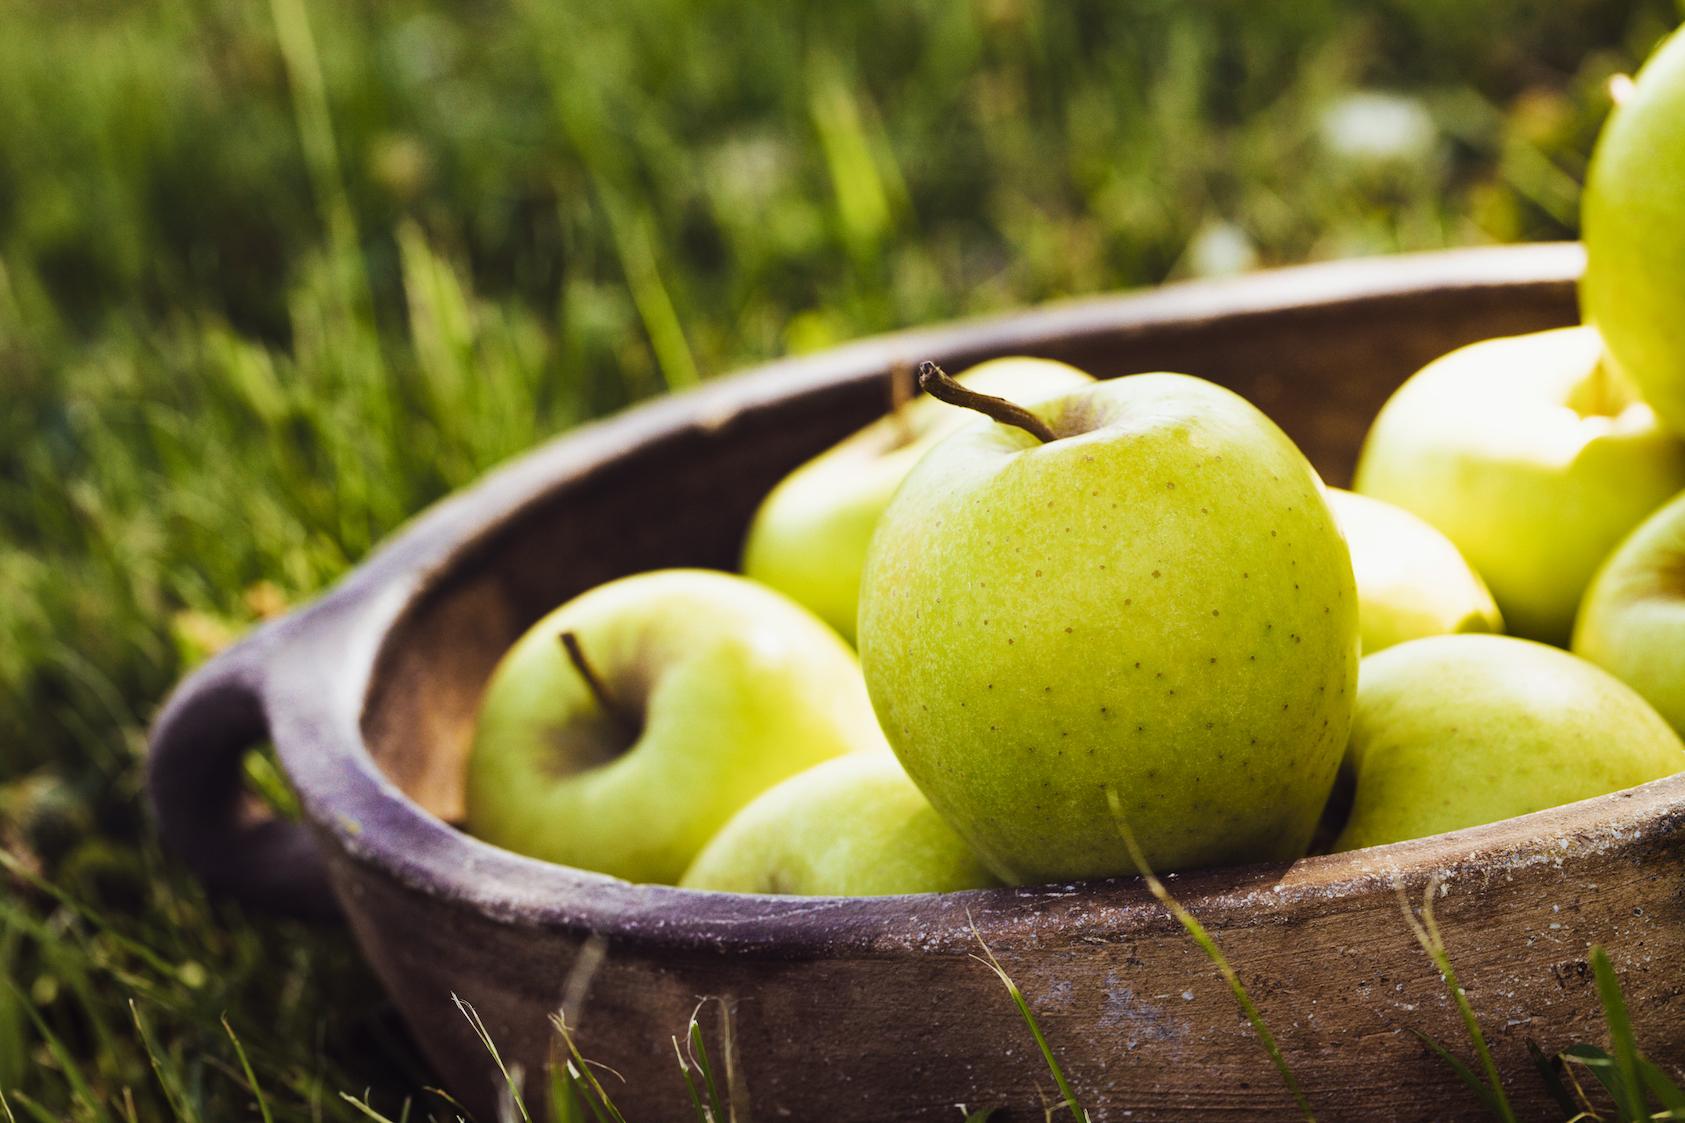 manzanas-amarillas-en-fuente-de-barro-cocido-materia-natural-propia-de-hogar-sostenible-o-ecologico